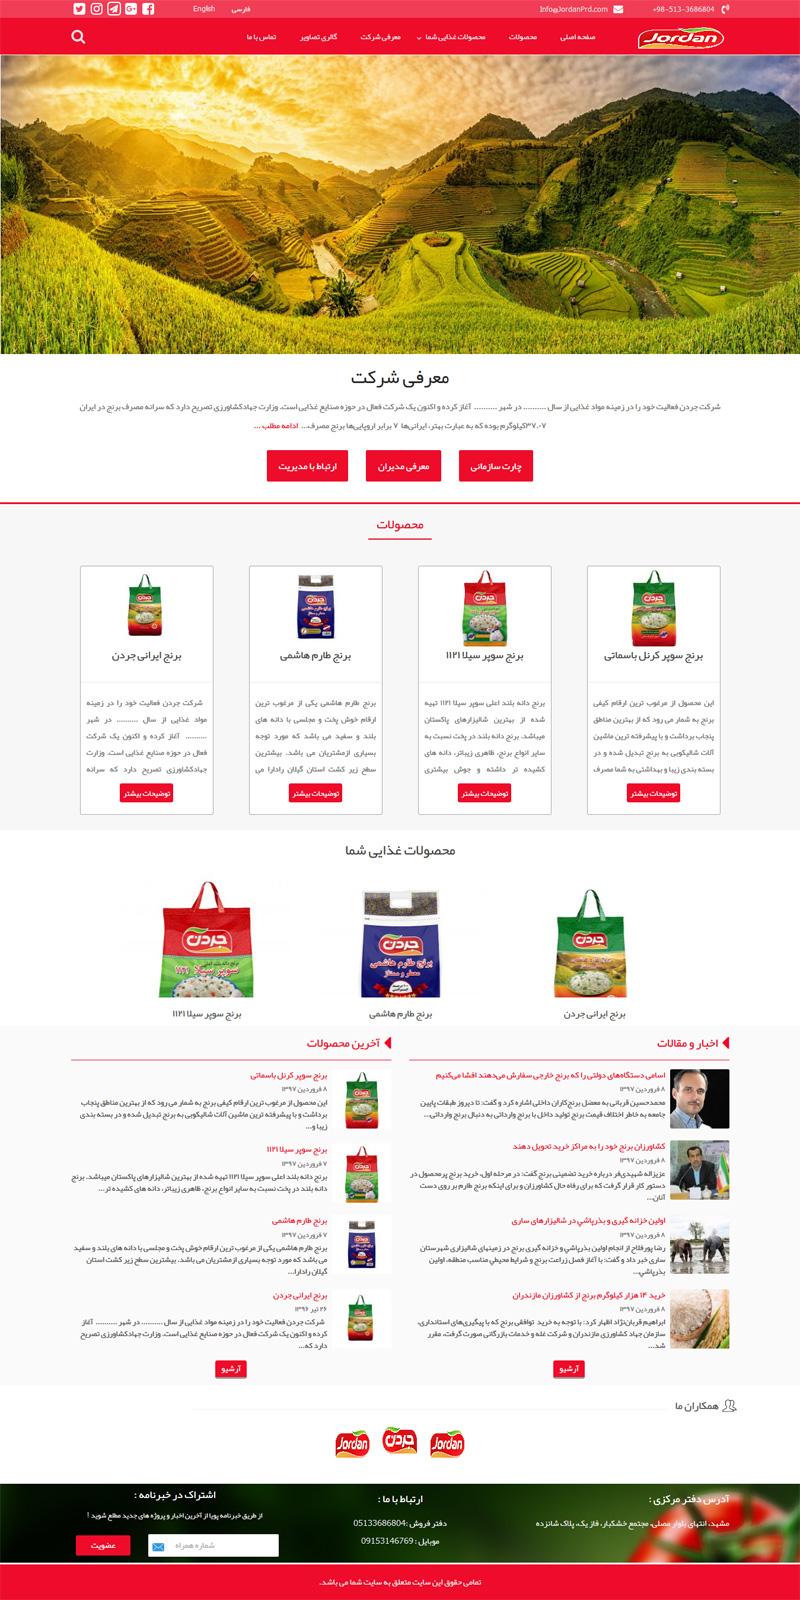 نمونه سایت با قالب وردپرس